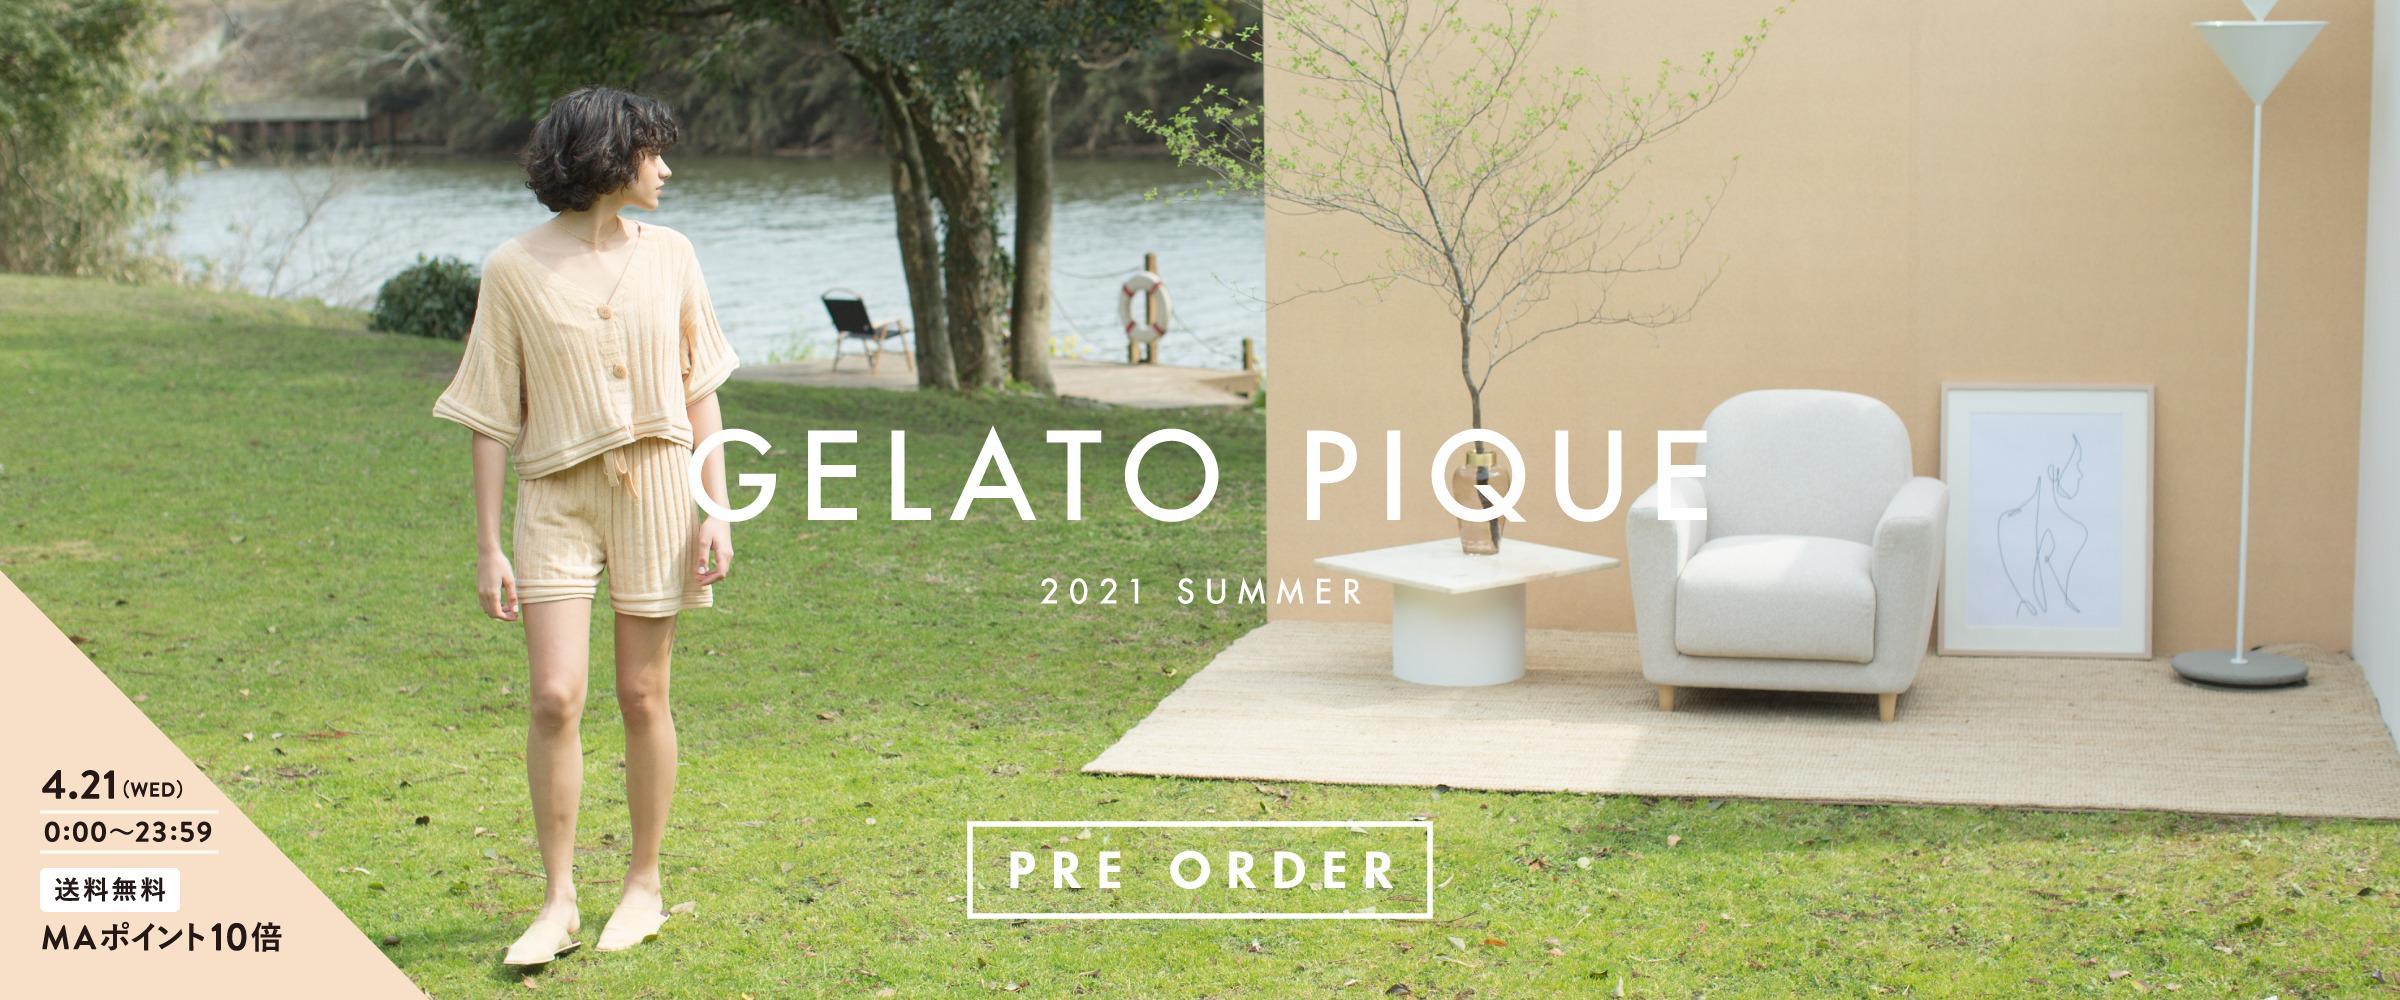 GELATO PIQUE 2021 SUMMER